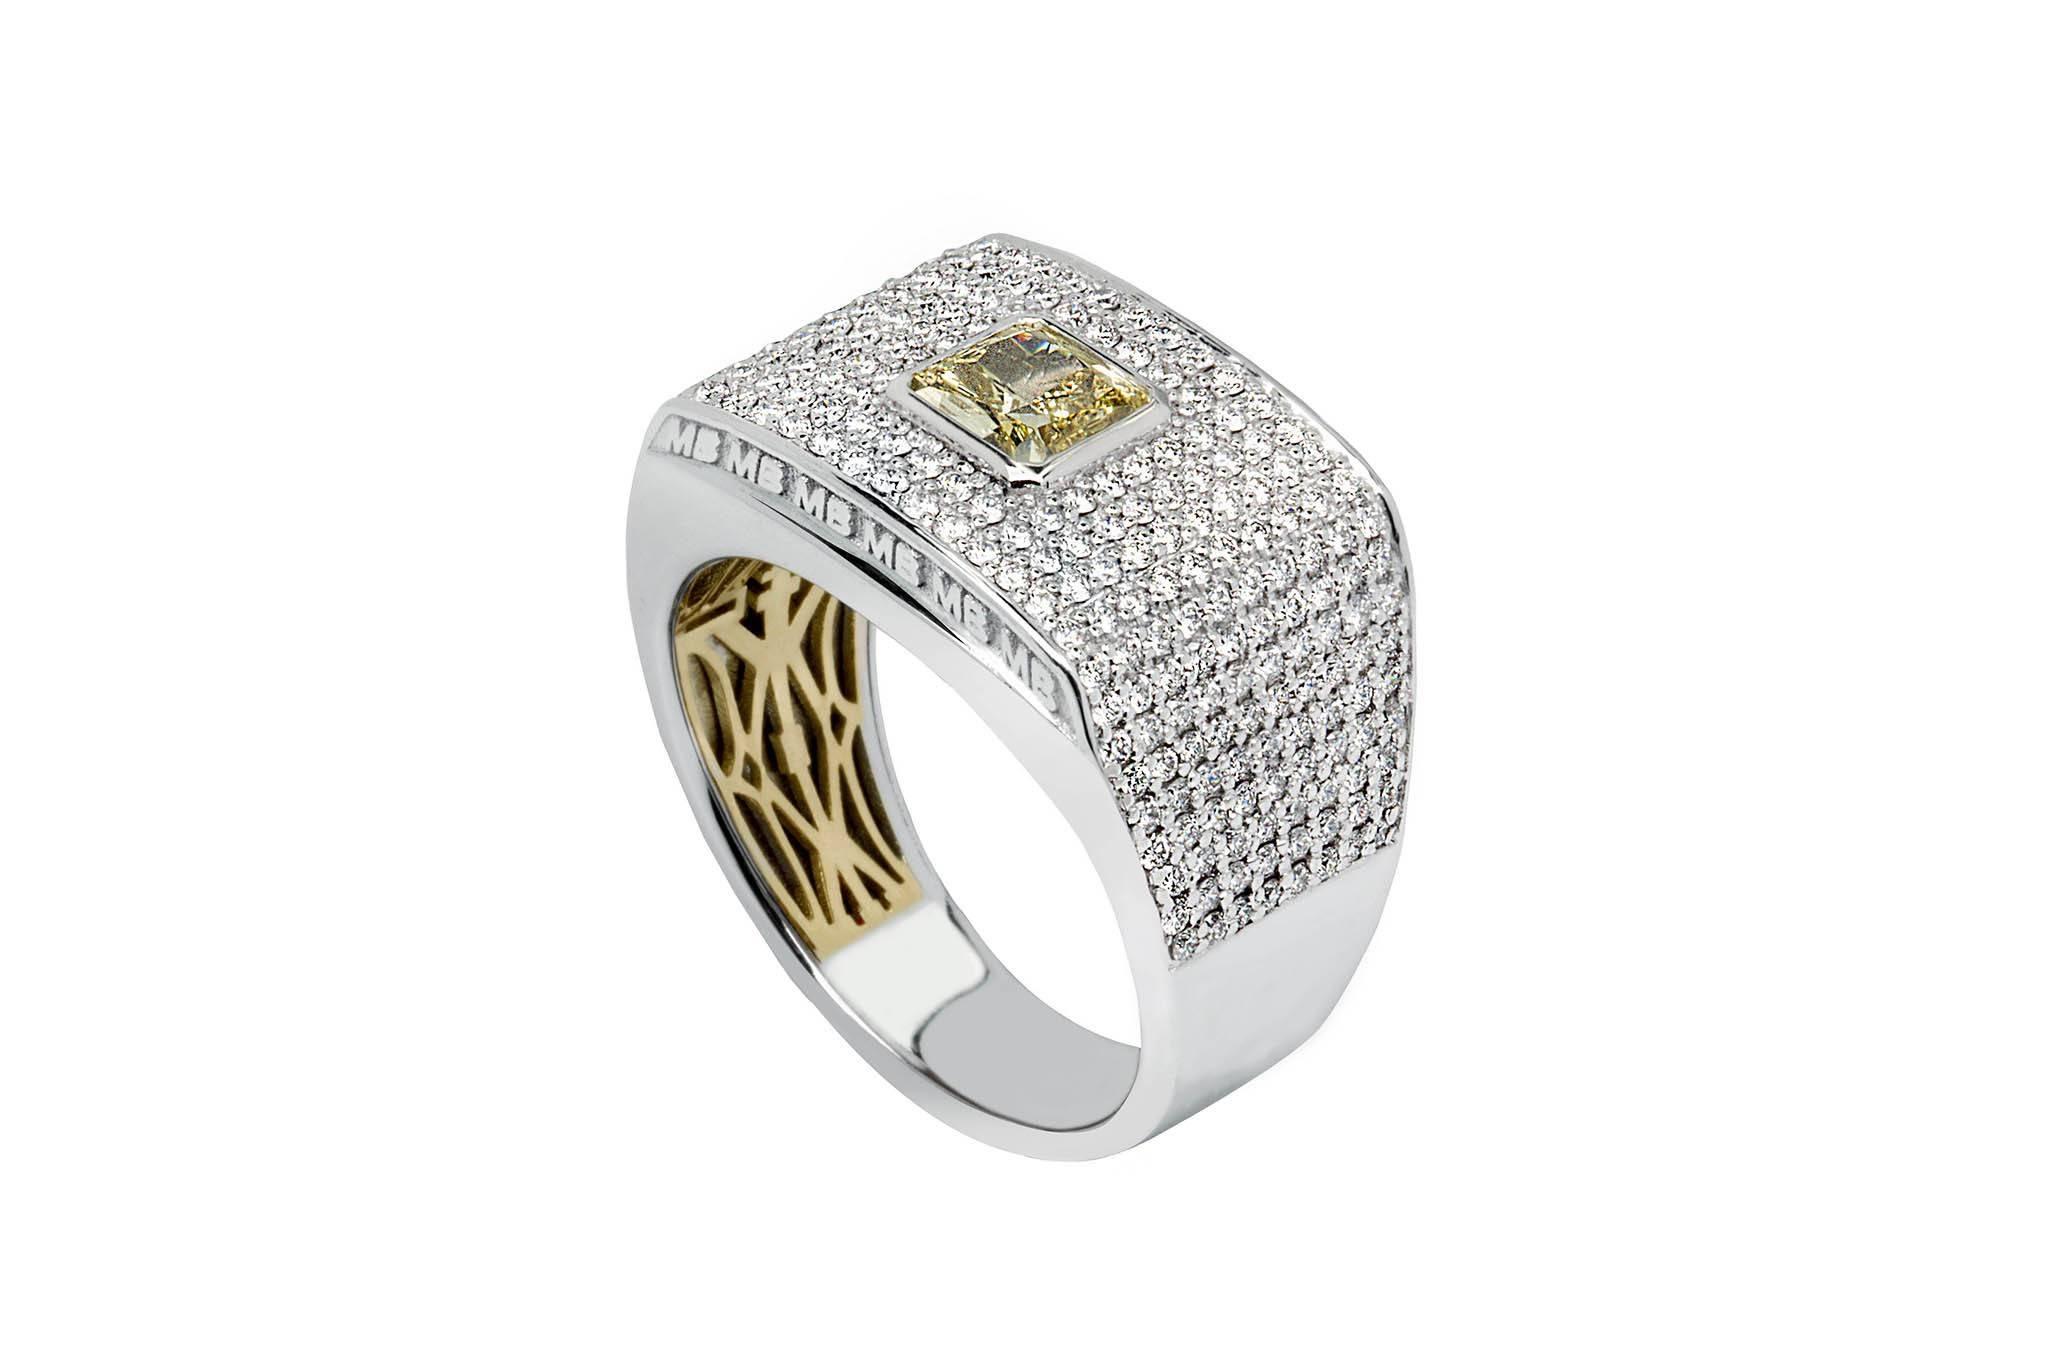 Wedding Rings For Him | Kalfin Intended For Custom Design Wedding Rings (View 2 of 15)